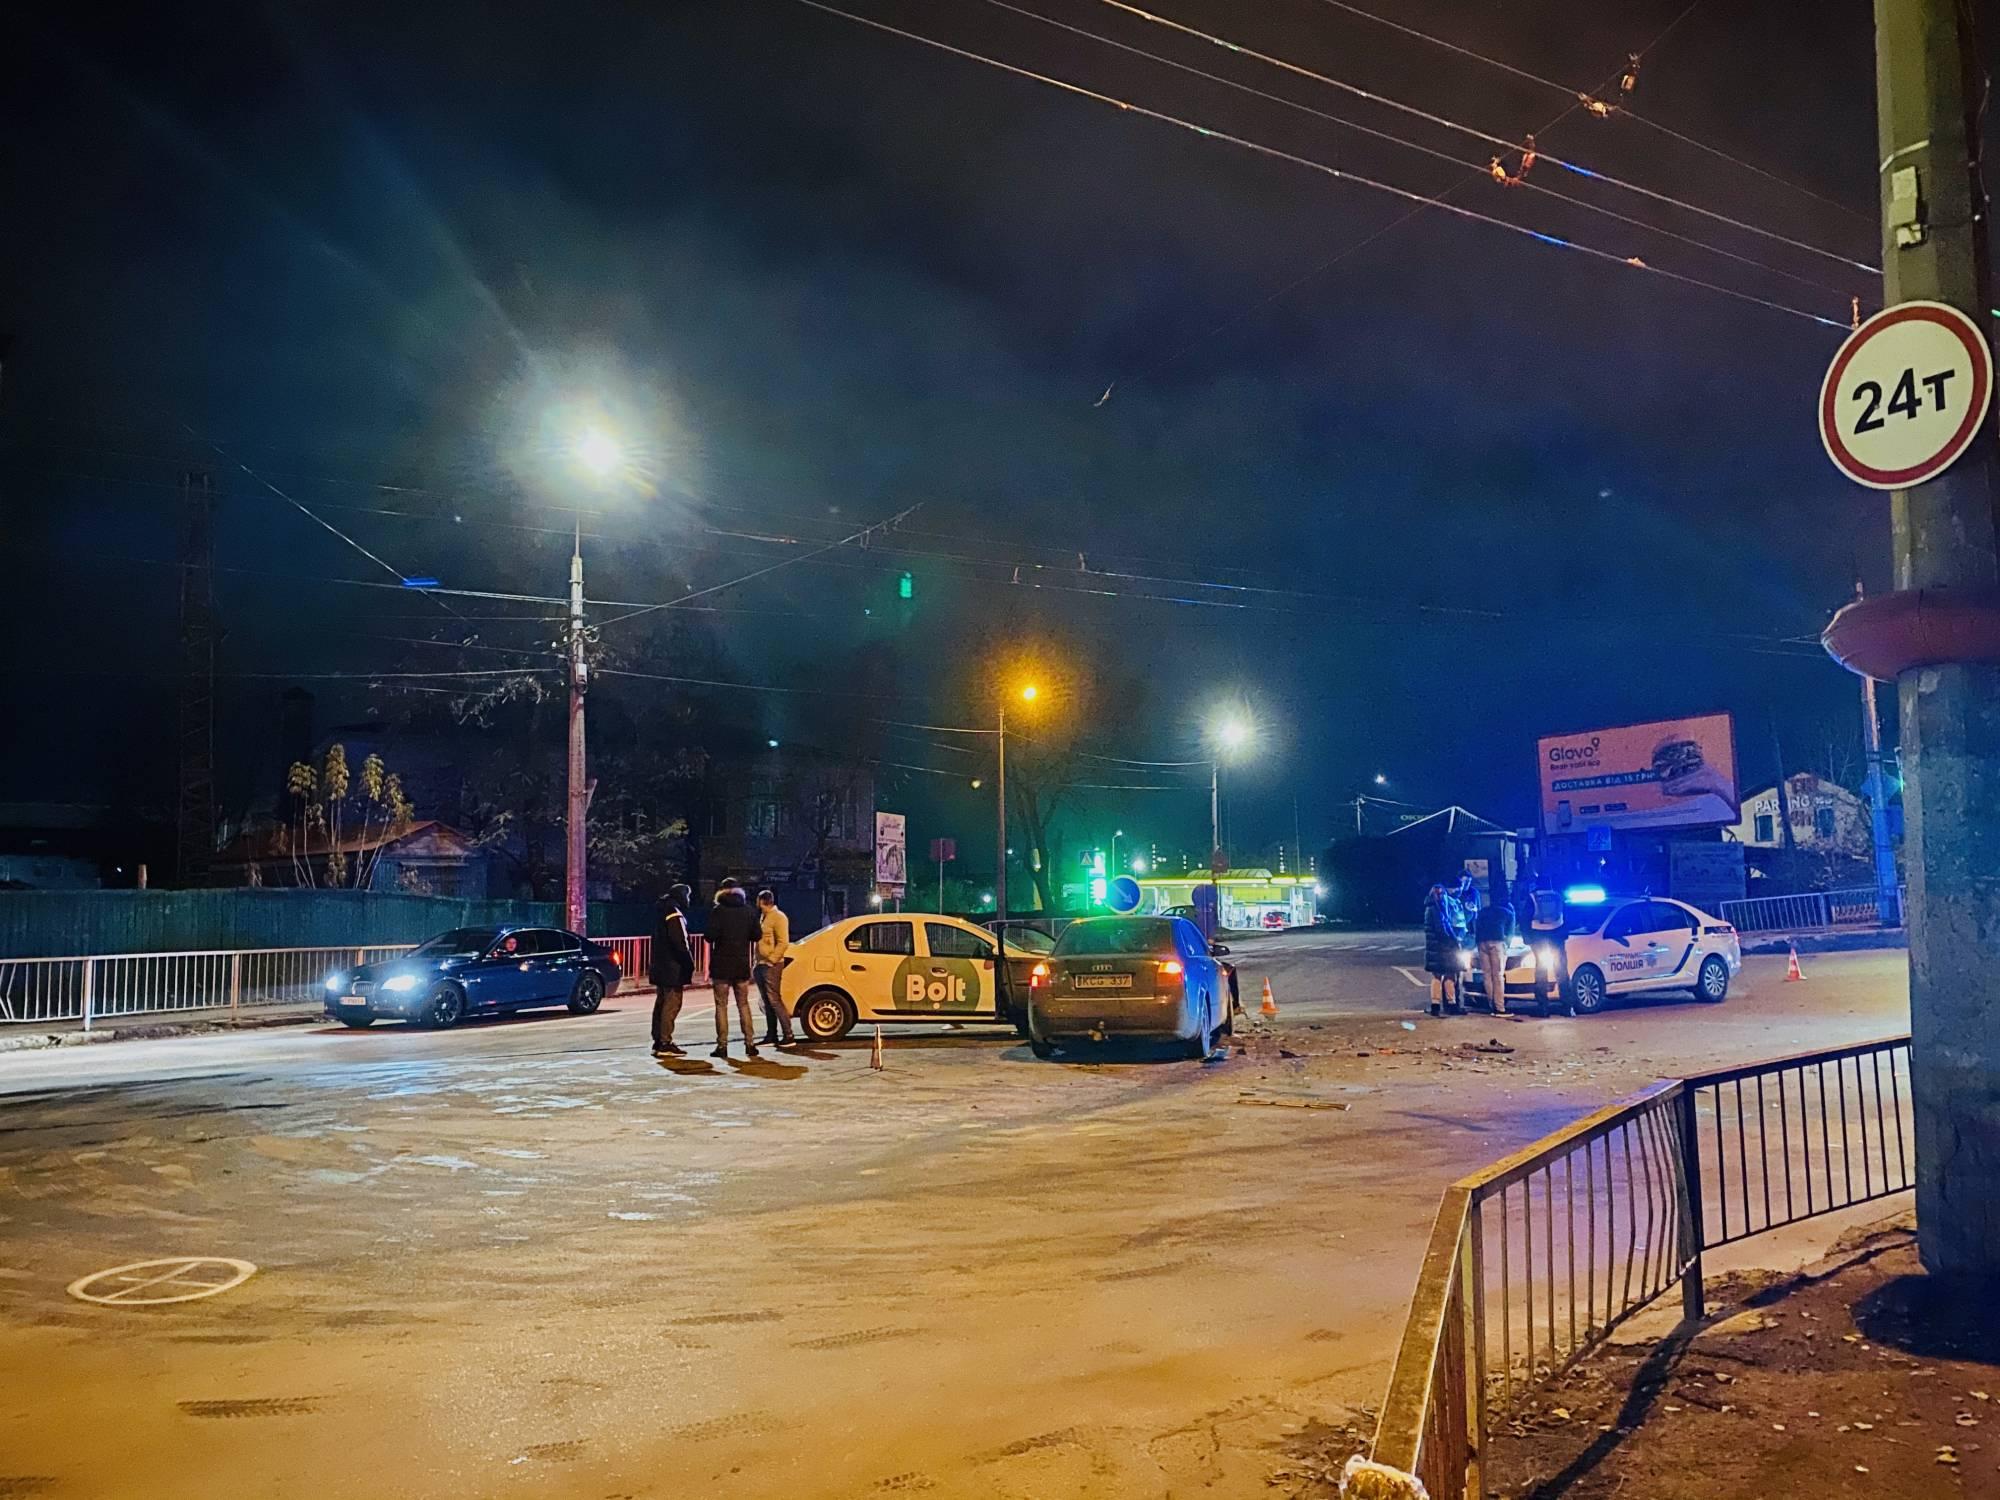 У Франківську водій служби таксі Bolt вчинив ДТП (ФОТО)